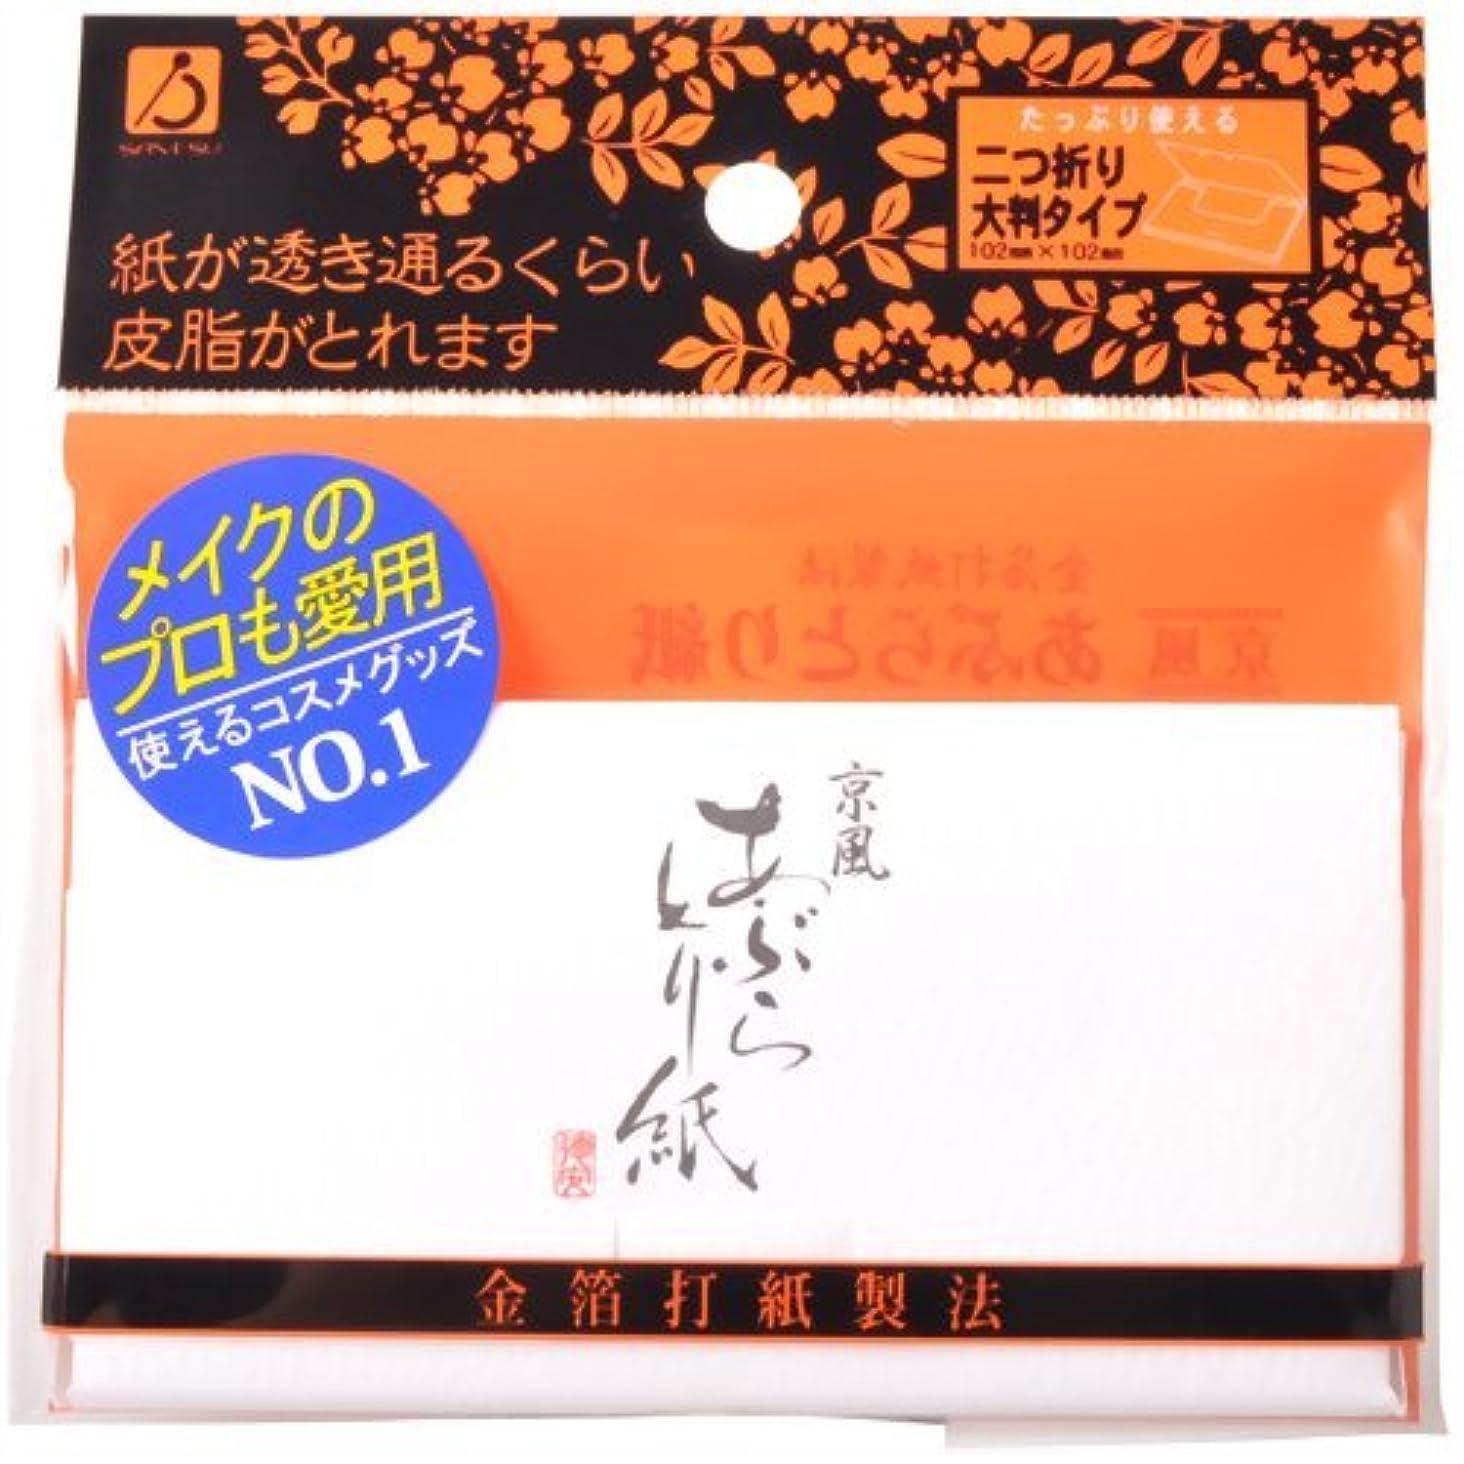 中庭シャイパシフィックFP-400 京風アブラトリガミ 大判 30枚